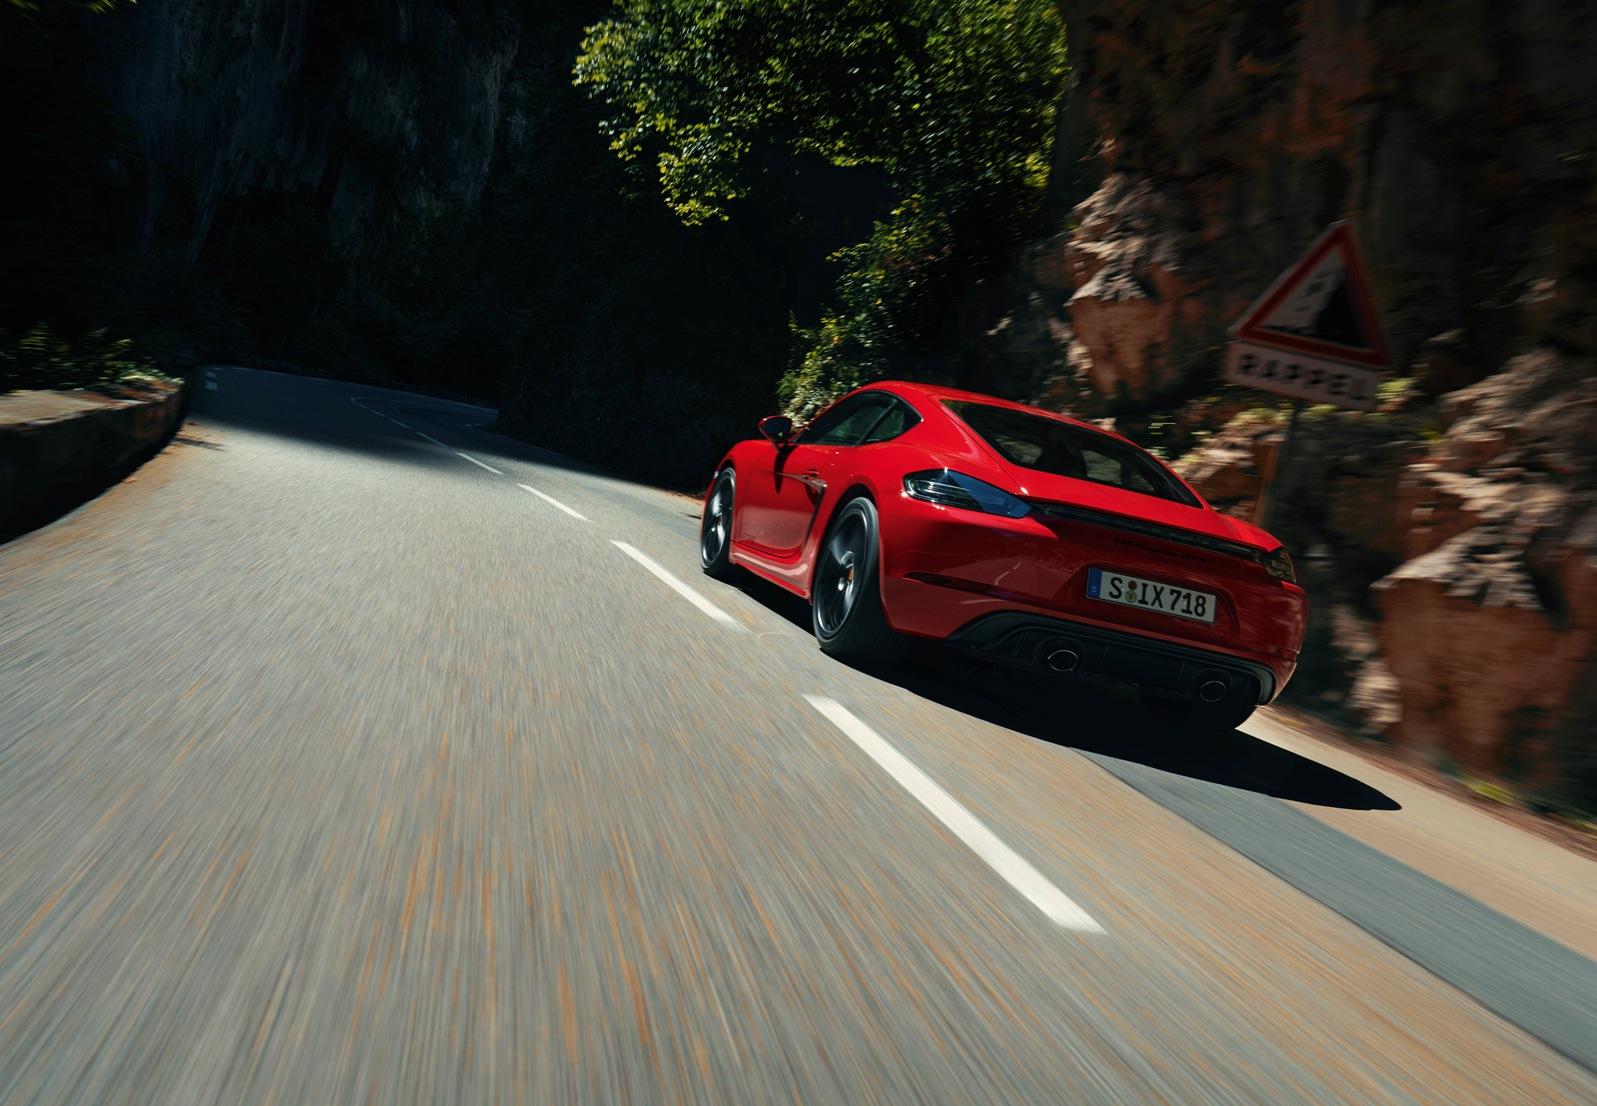 Porsche 718 Gts Cayman Boxster (5)